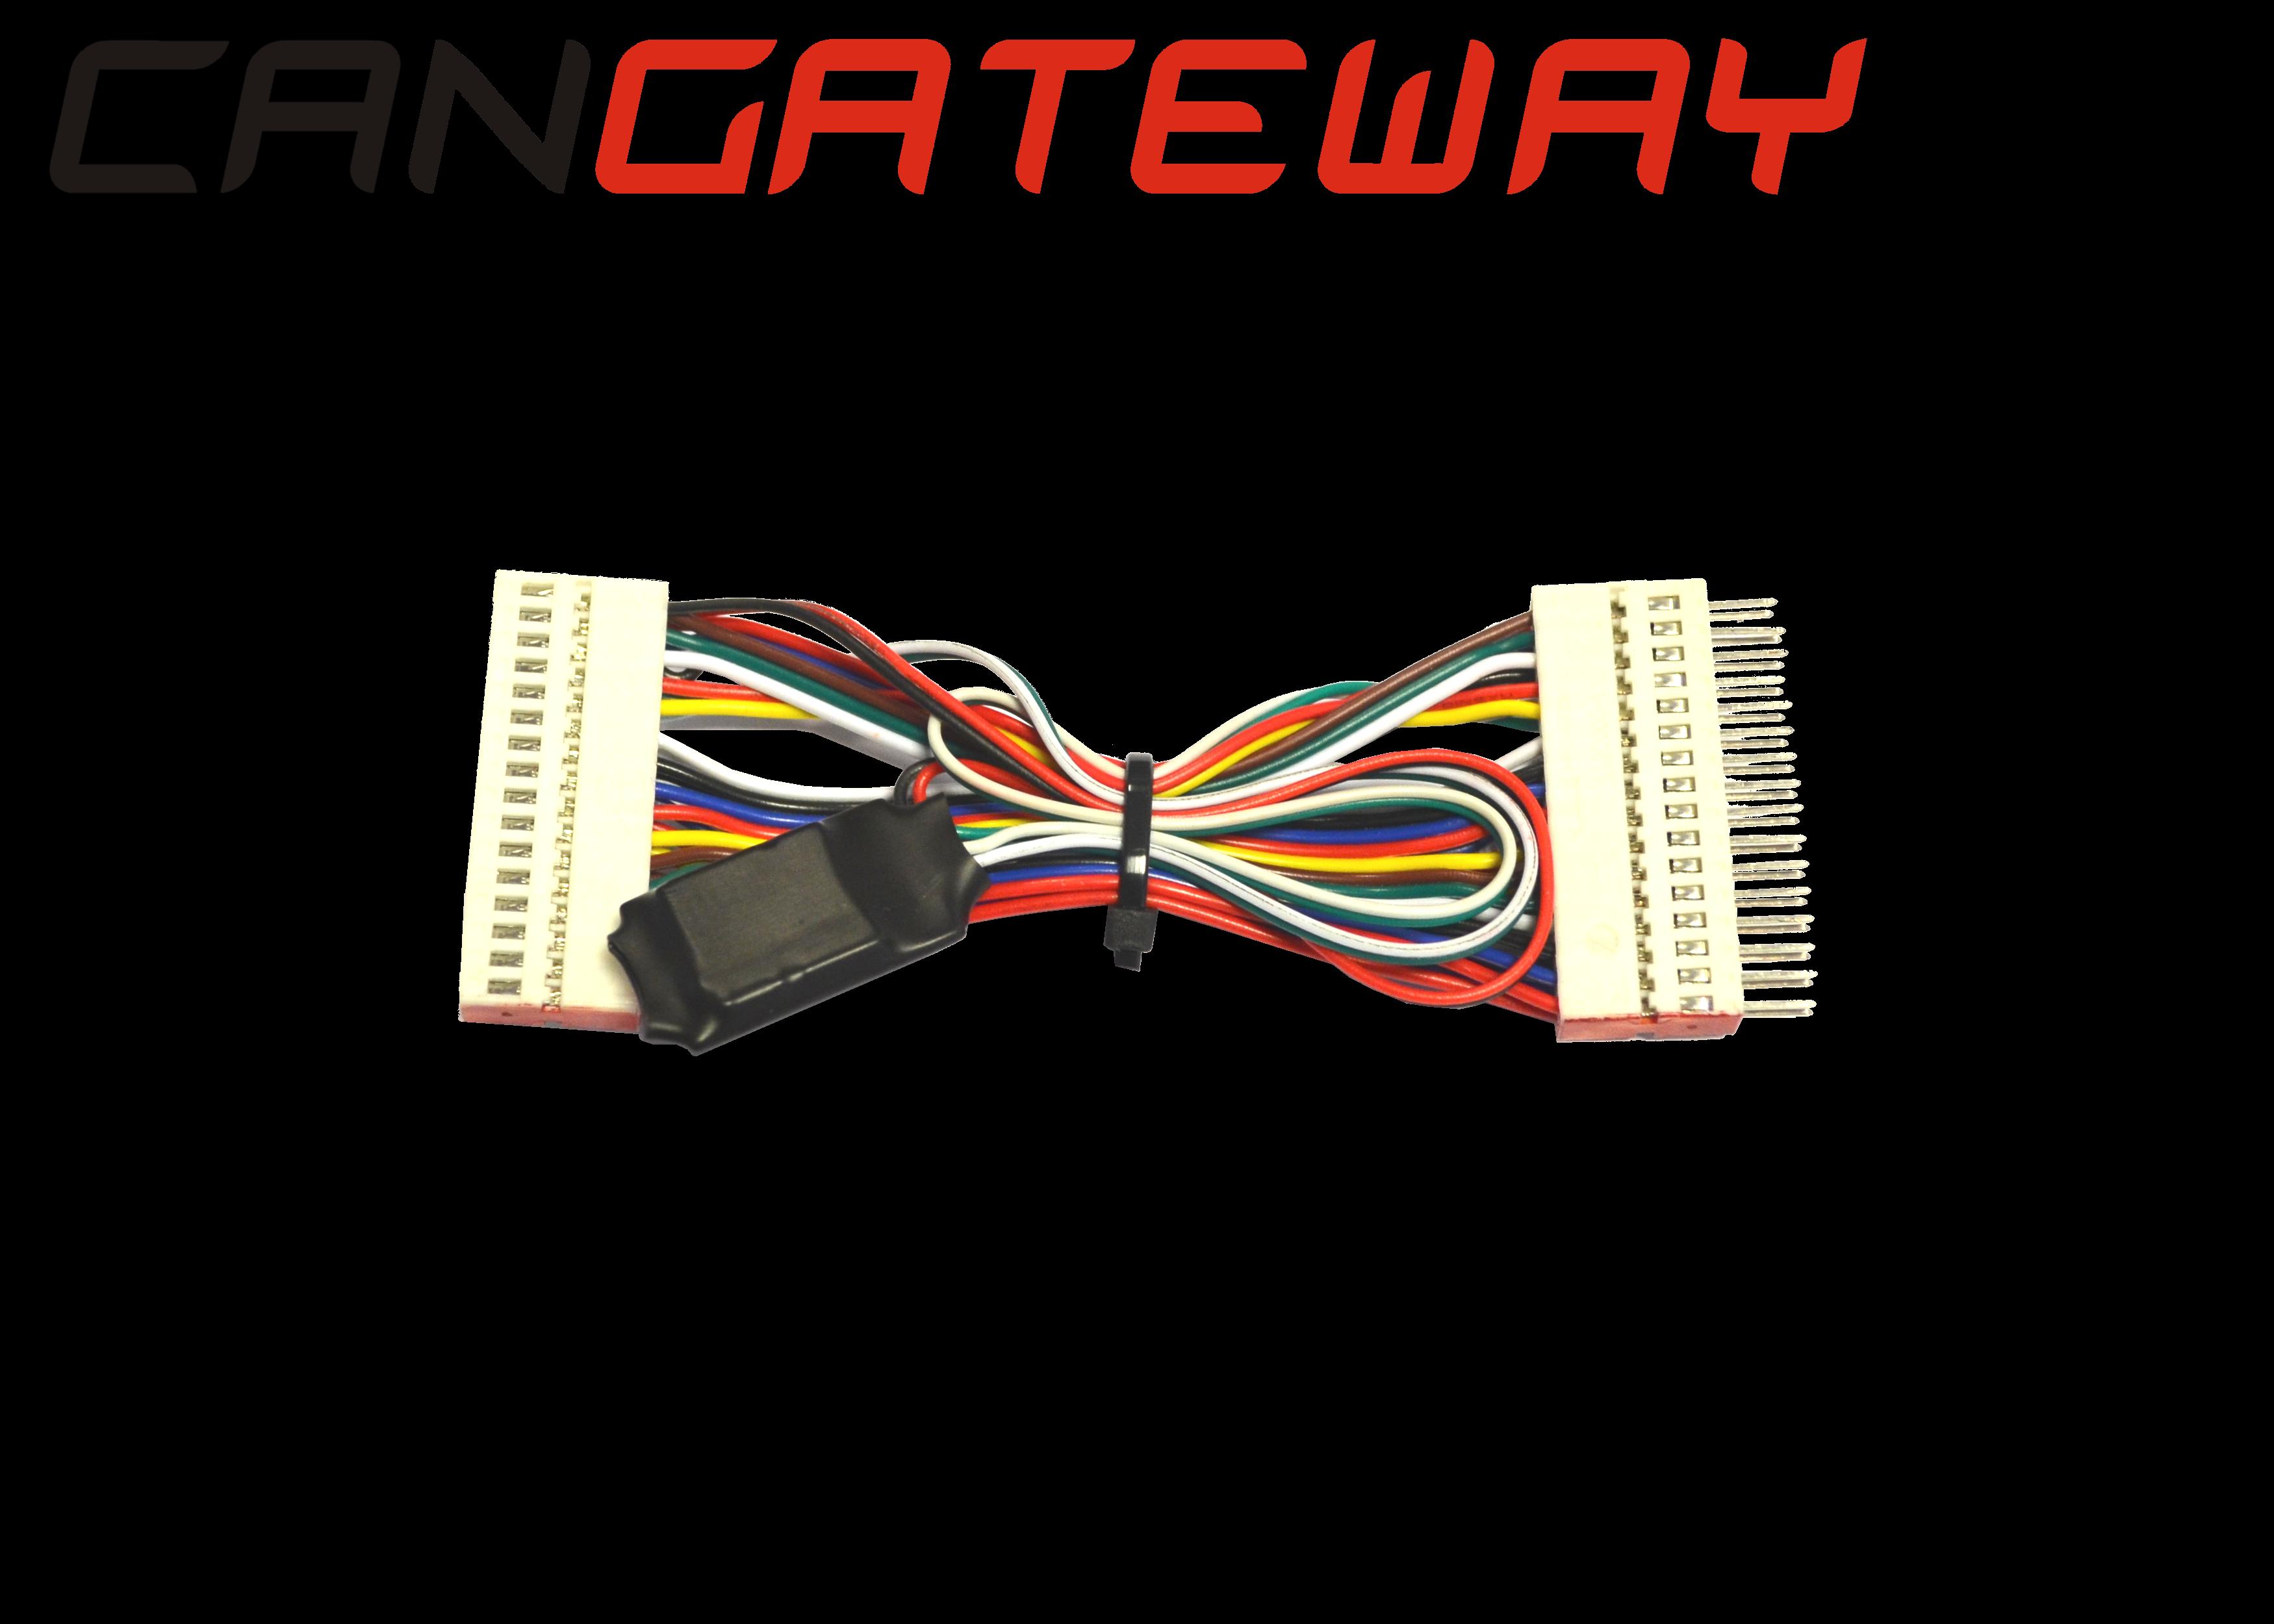 CanGateway Smart